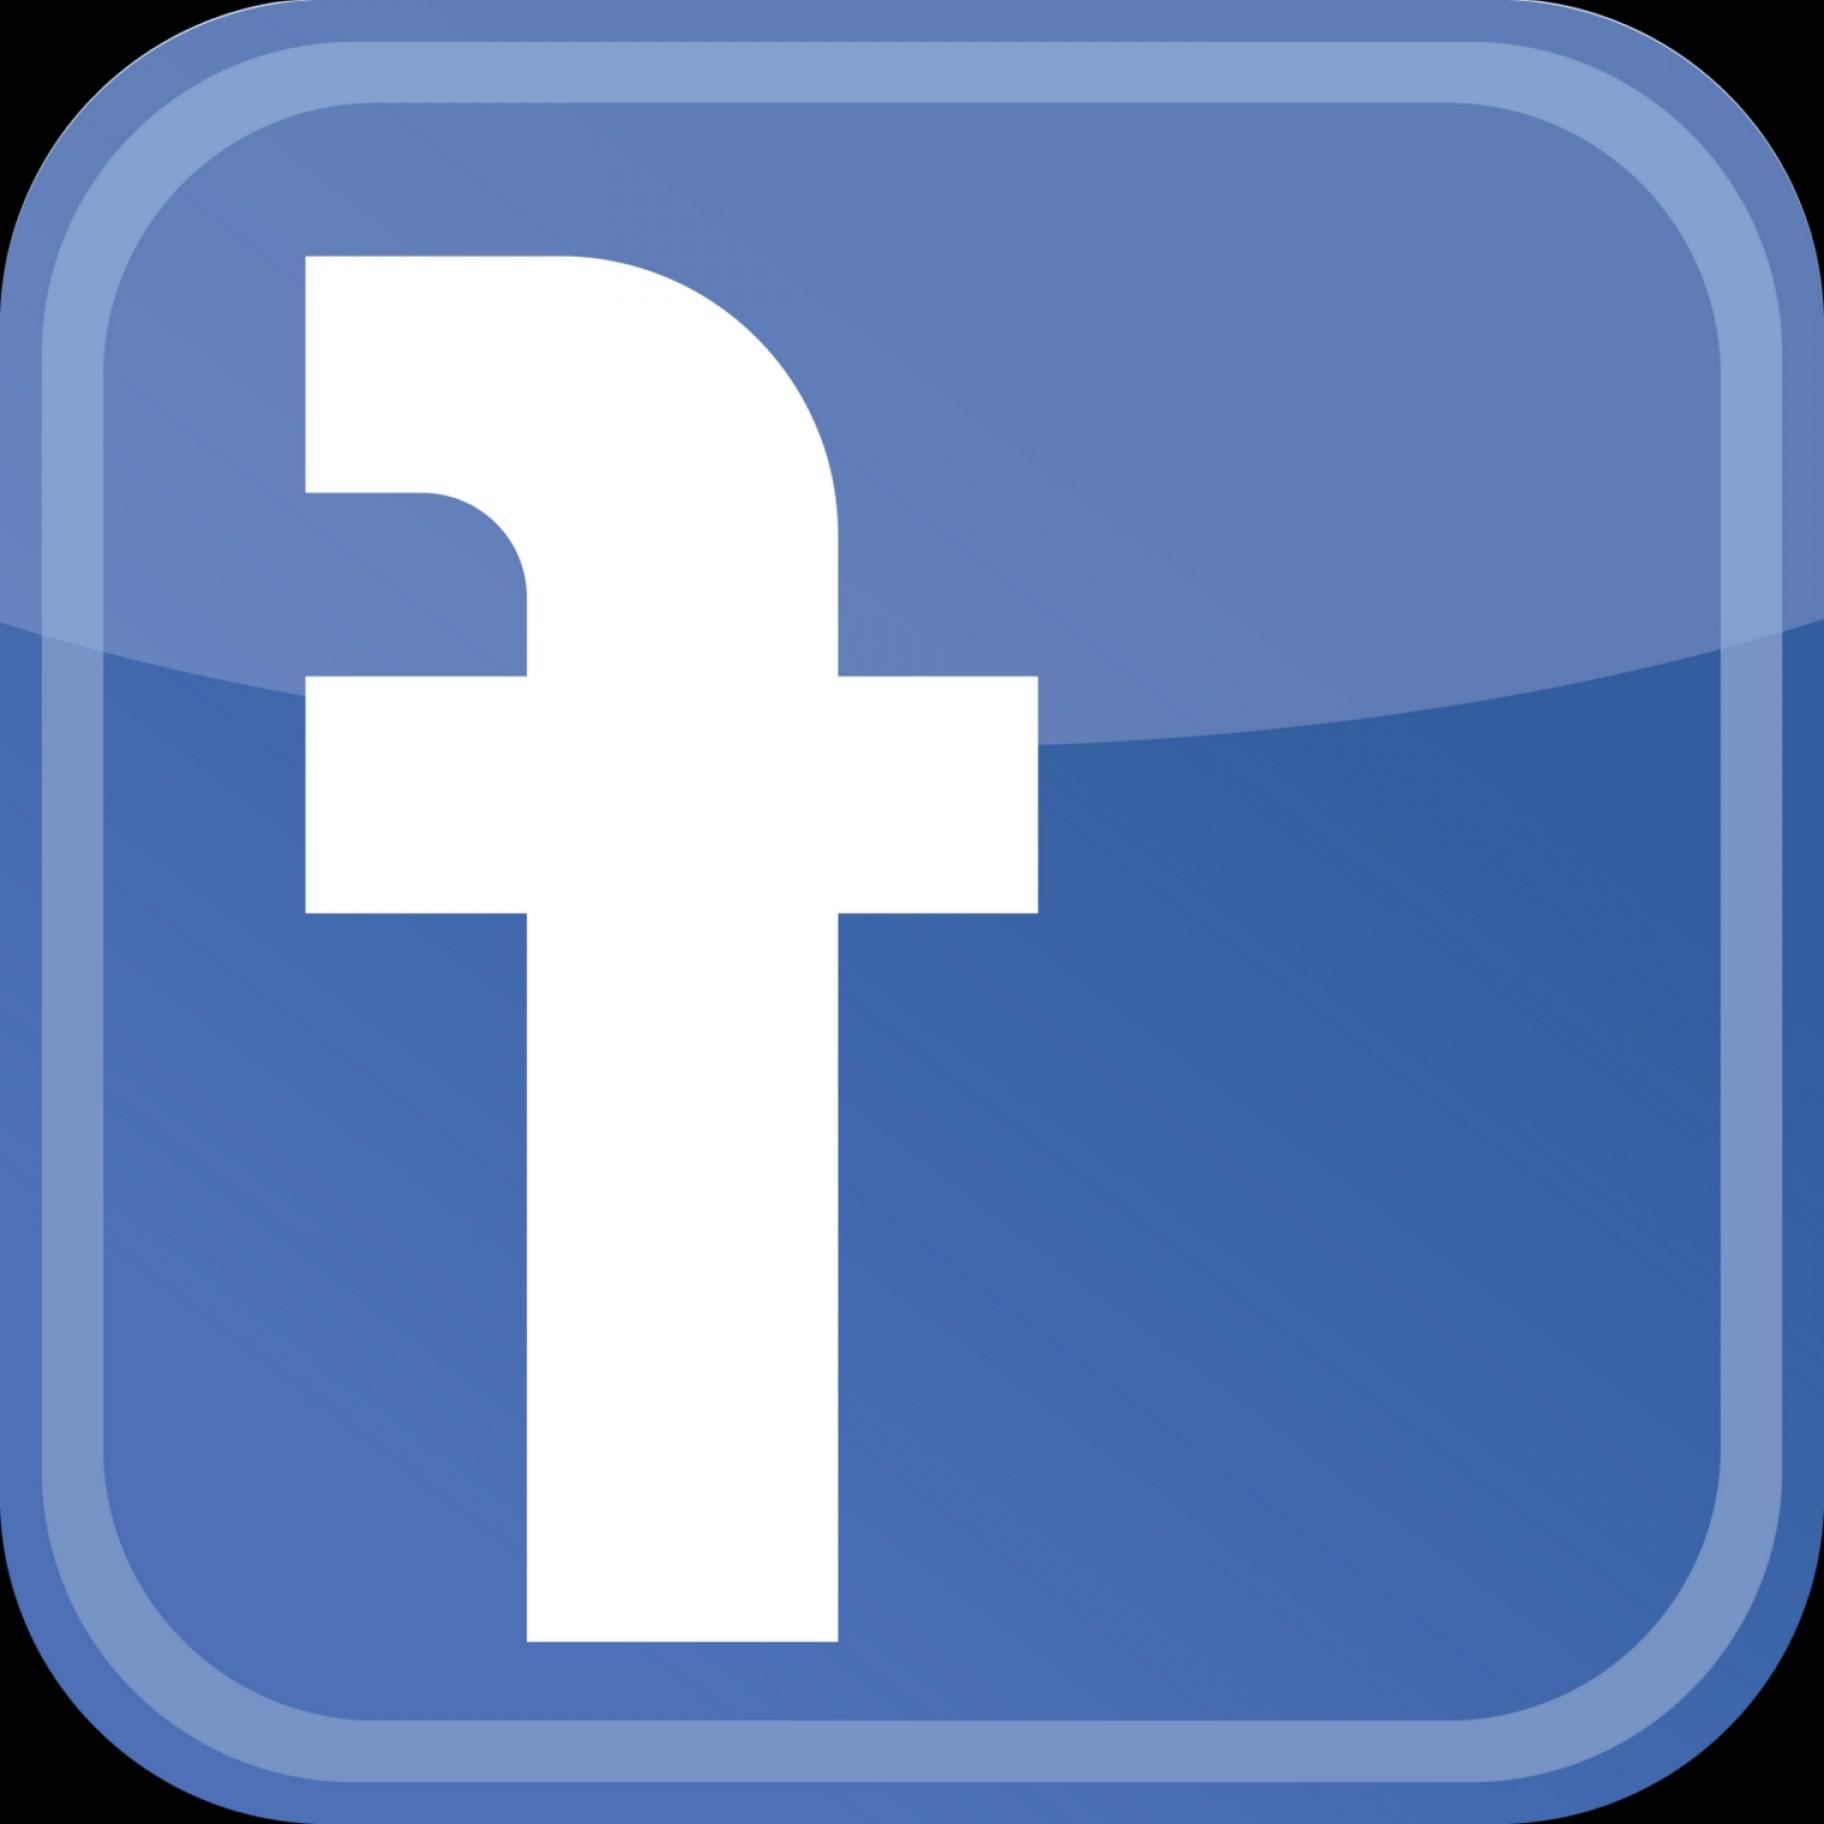 Facebook logo vector clipart image library library Exclusive Facebook Logo Vector Clipart Layout | VectoRealy image library library